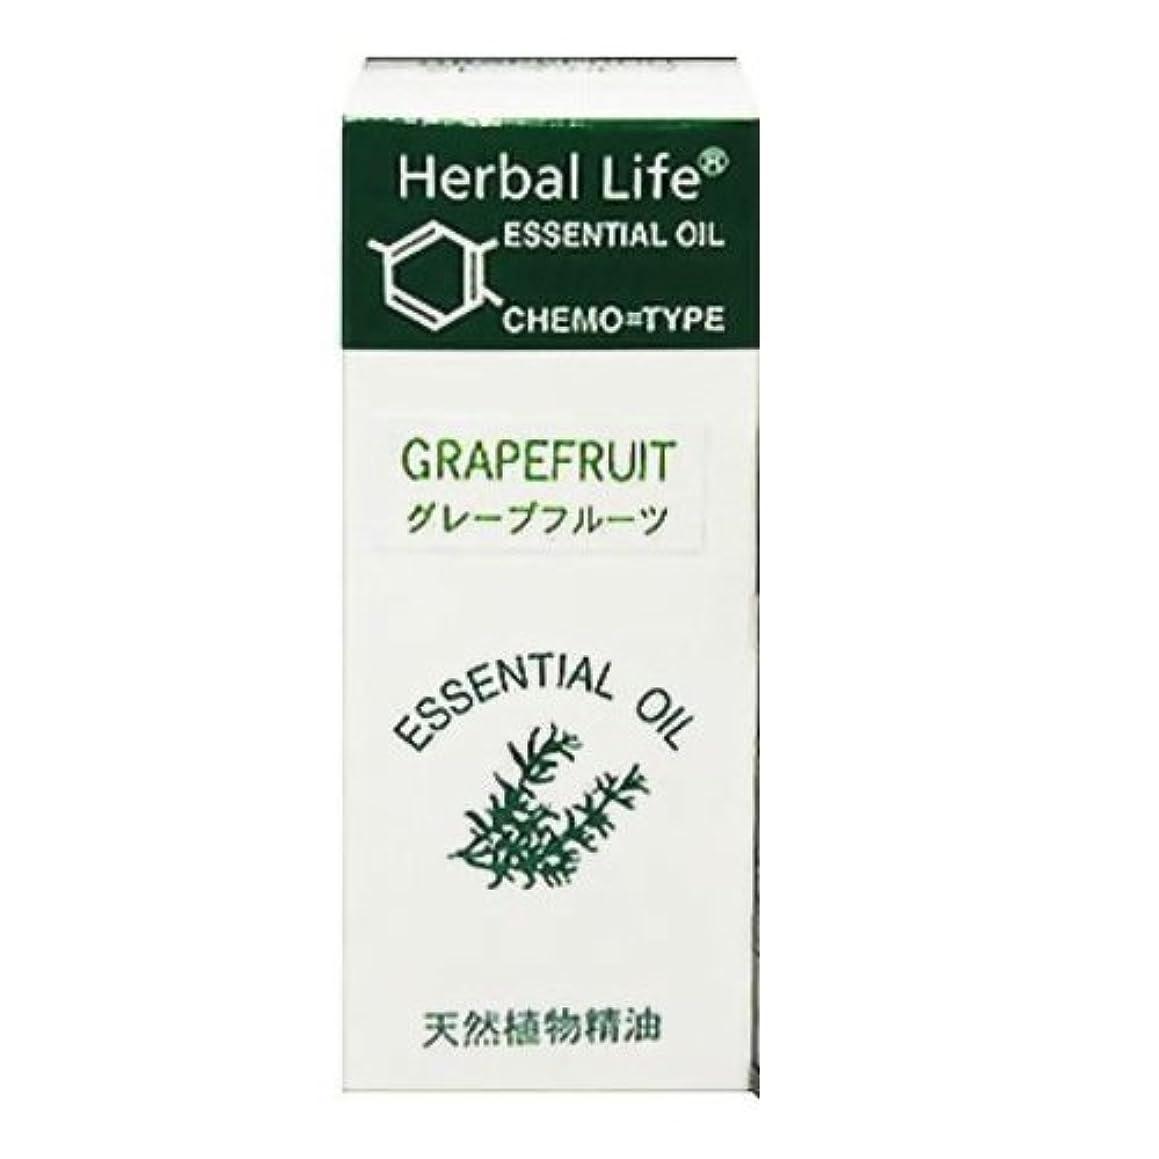 軽減する欺教授生活の木 エッセンシャルオイル グレープフルーツ 10ml